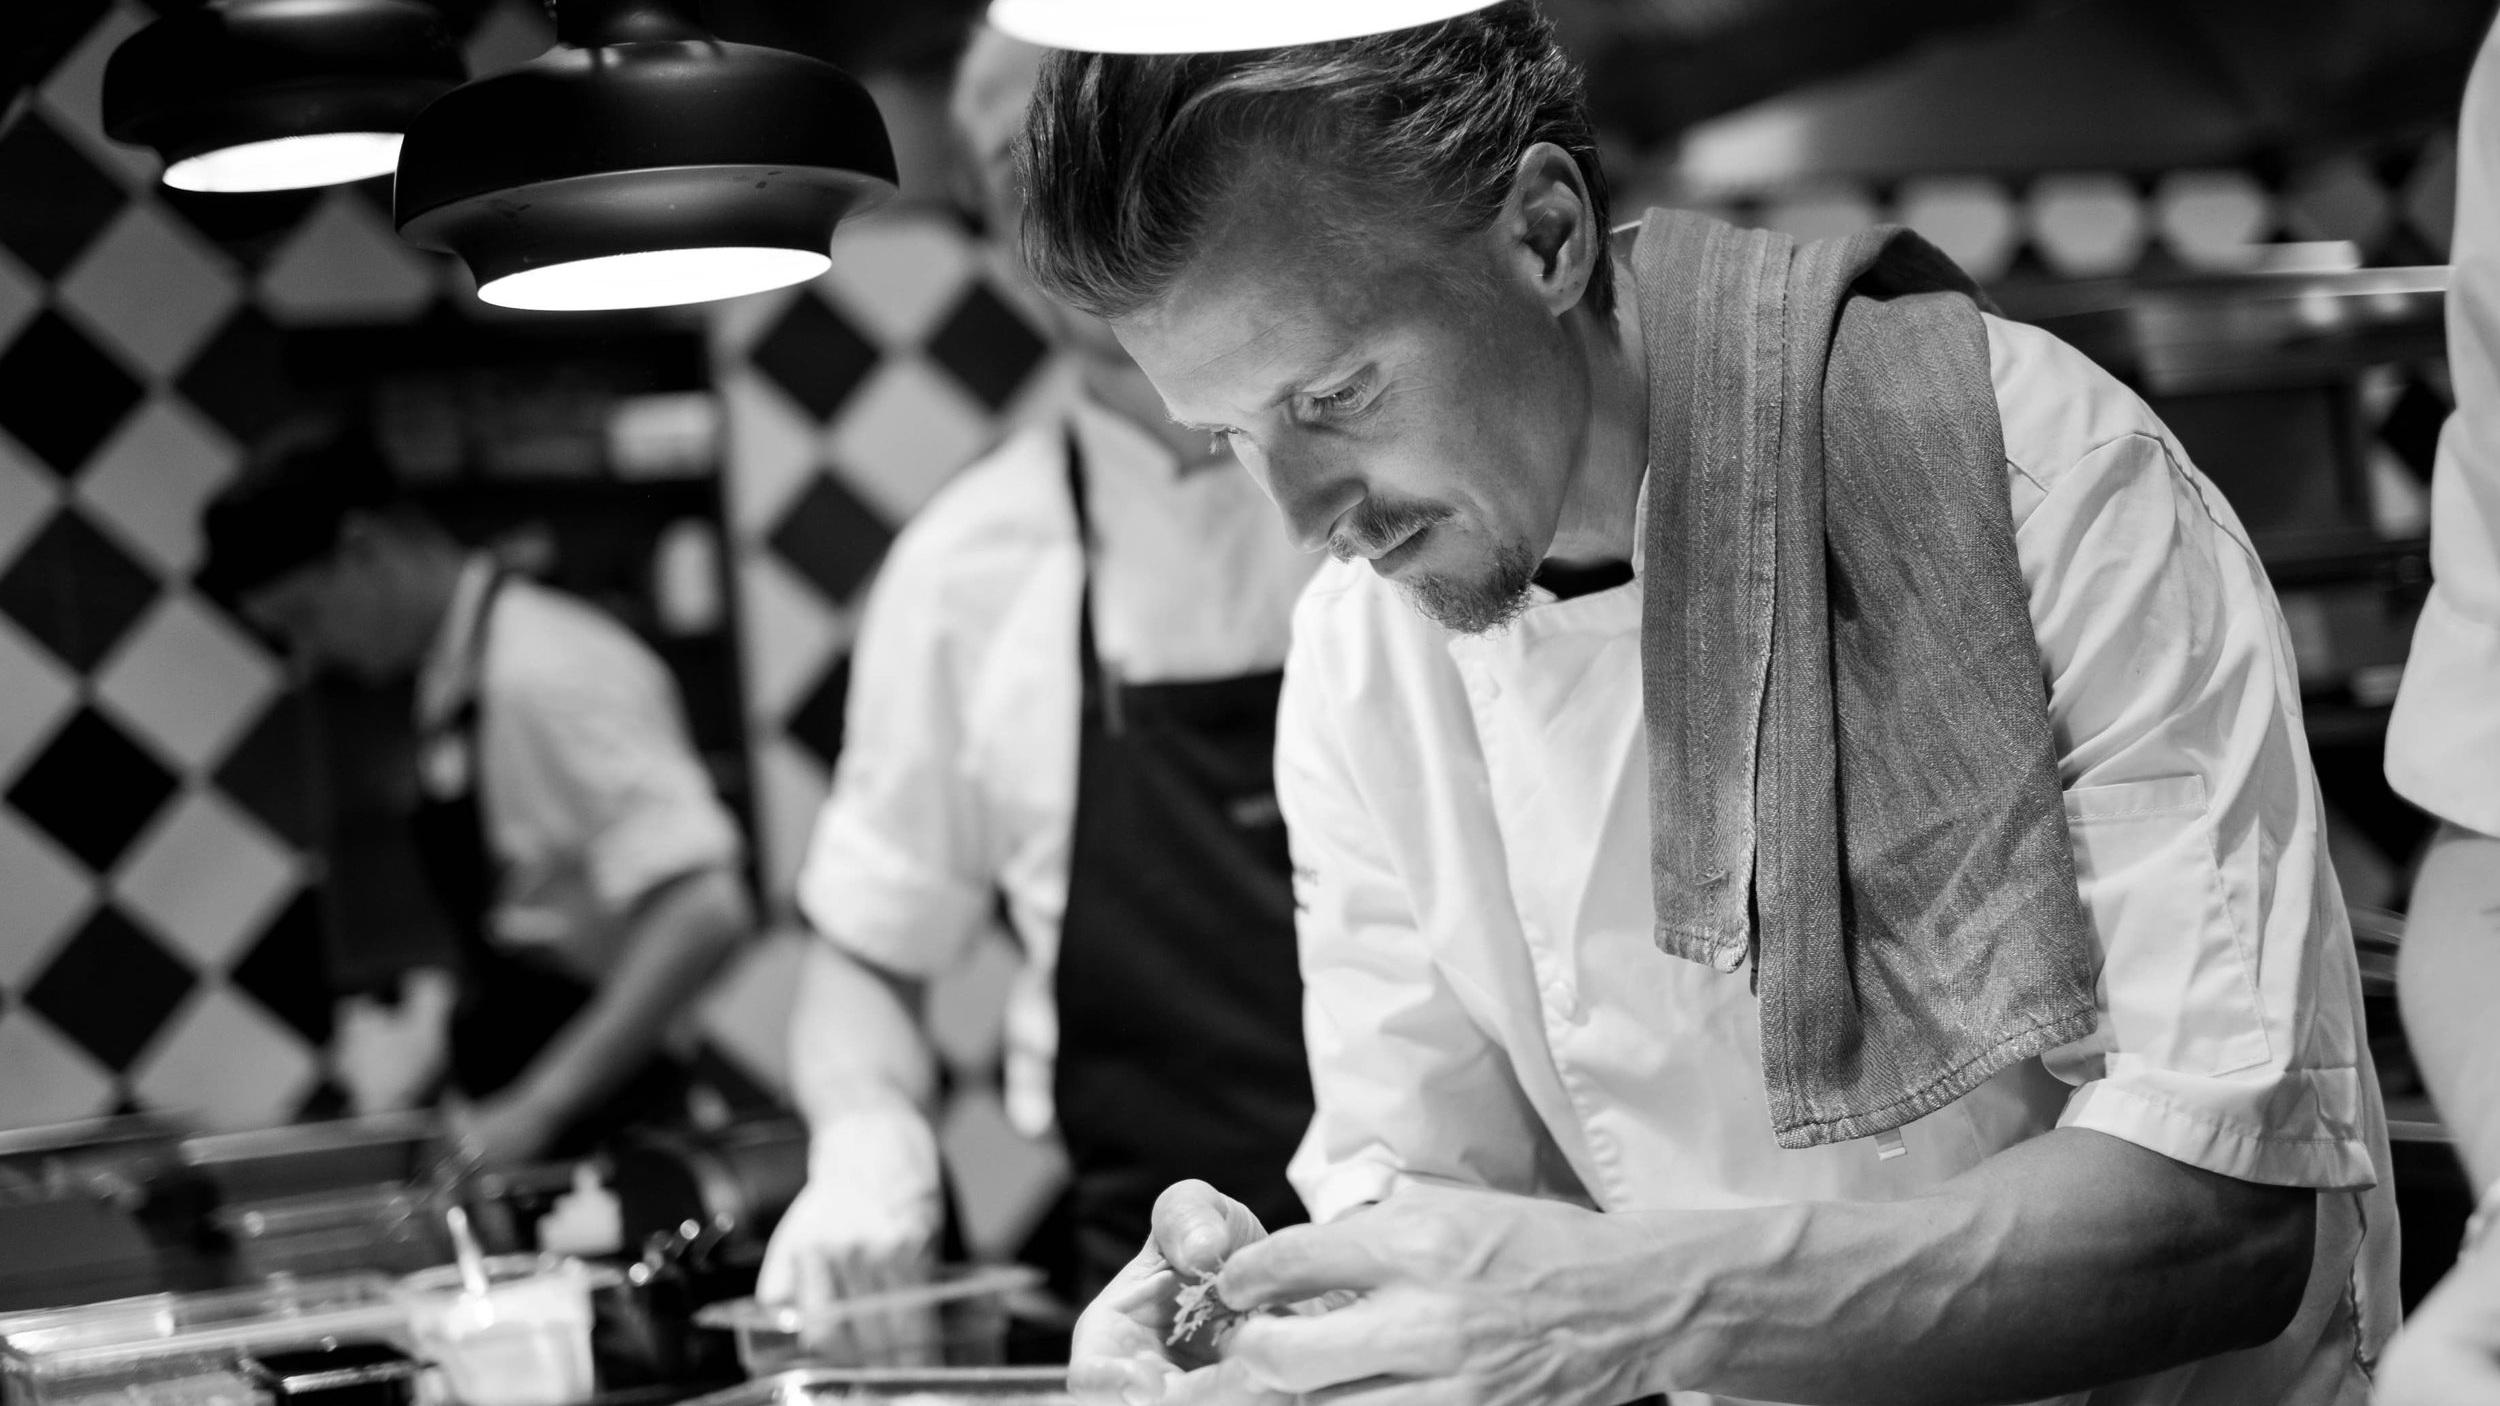 Kokkeskole - Kokkeskoler med landets førende køkken-chefer inden for mange forskellige typer mad.